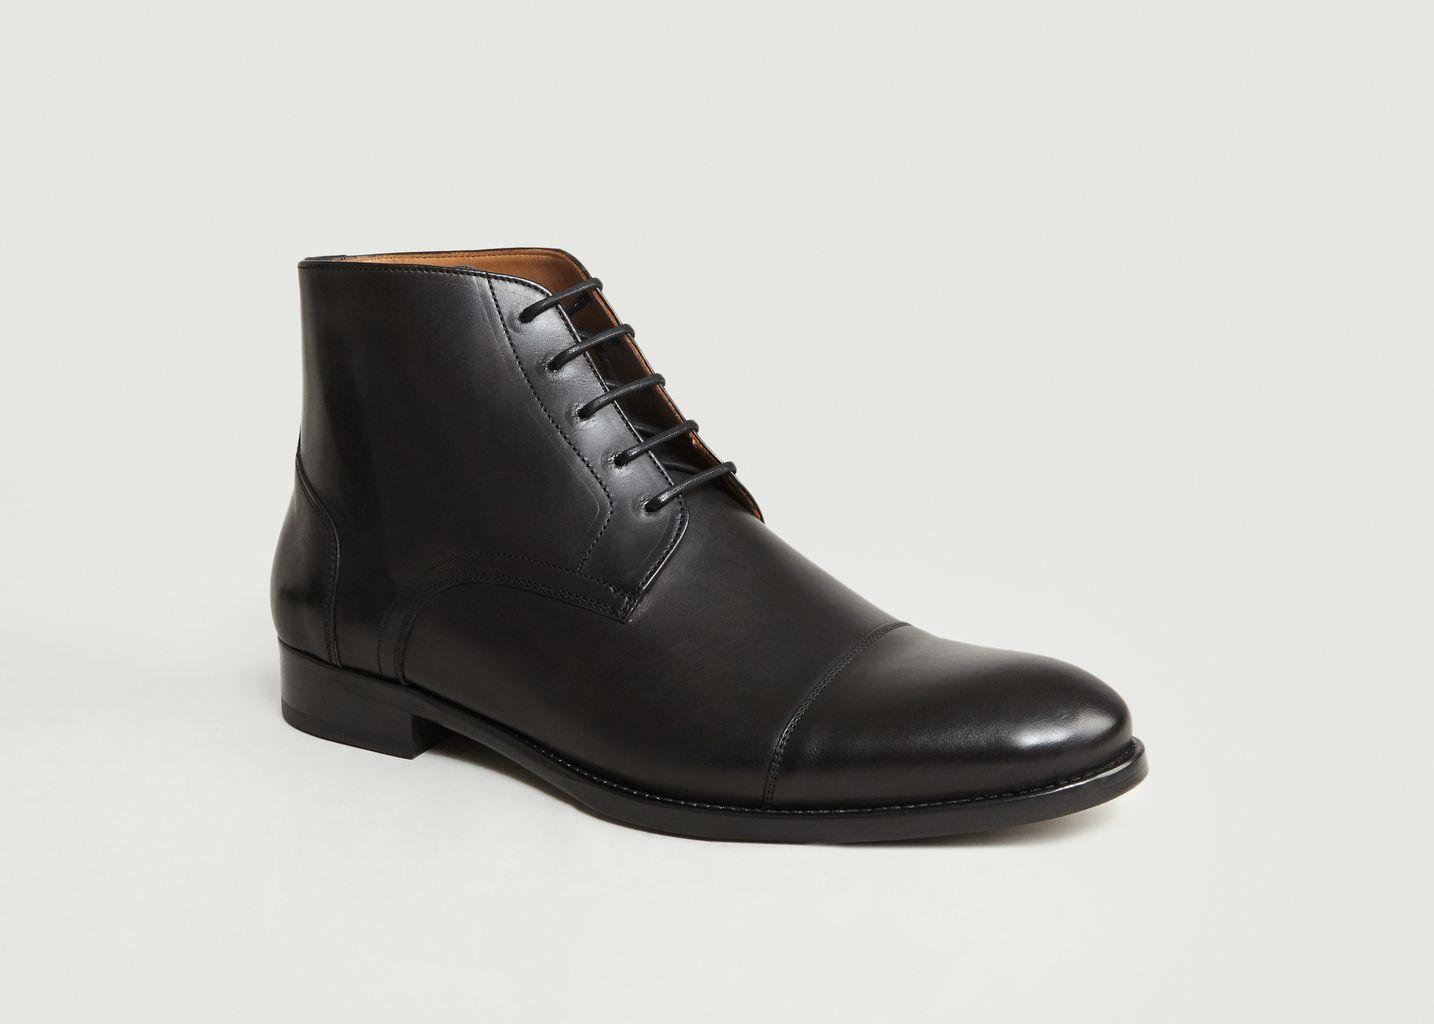 Boots 7282 Cuir Lisse - Anthology Paris